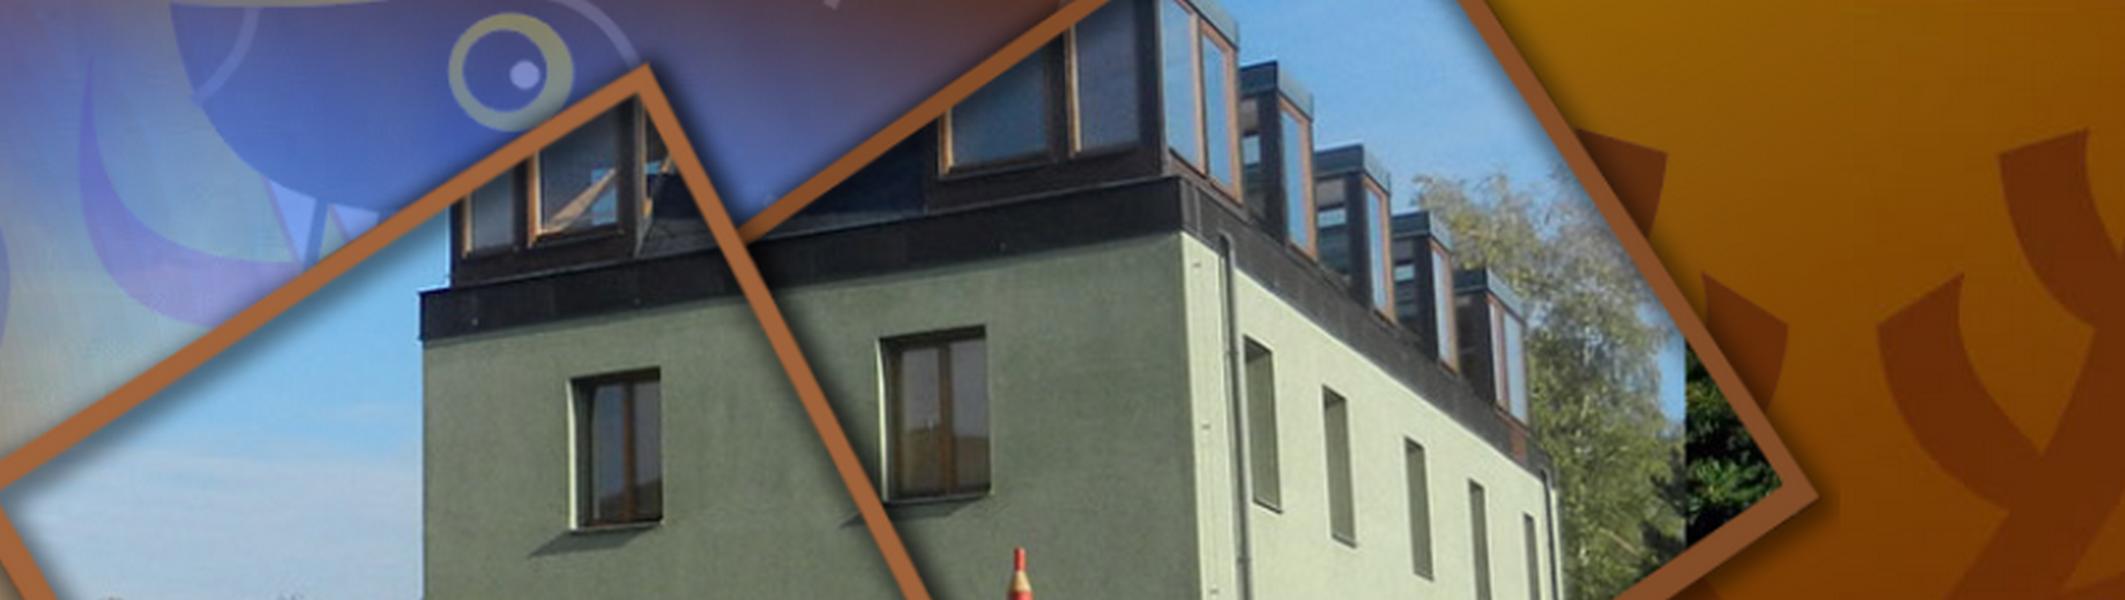 Ralsko - městský úřad